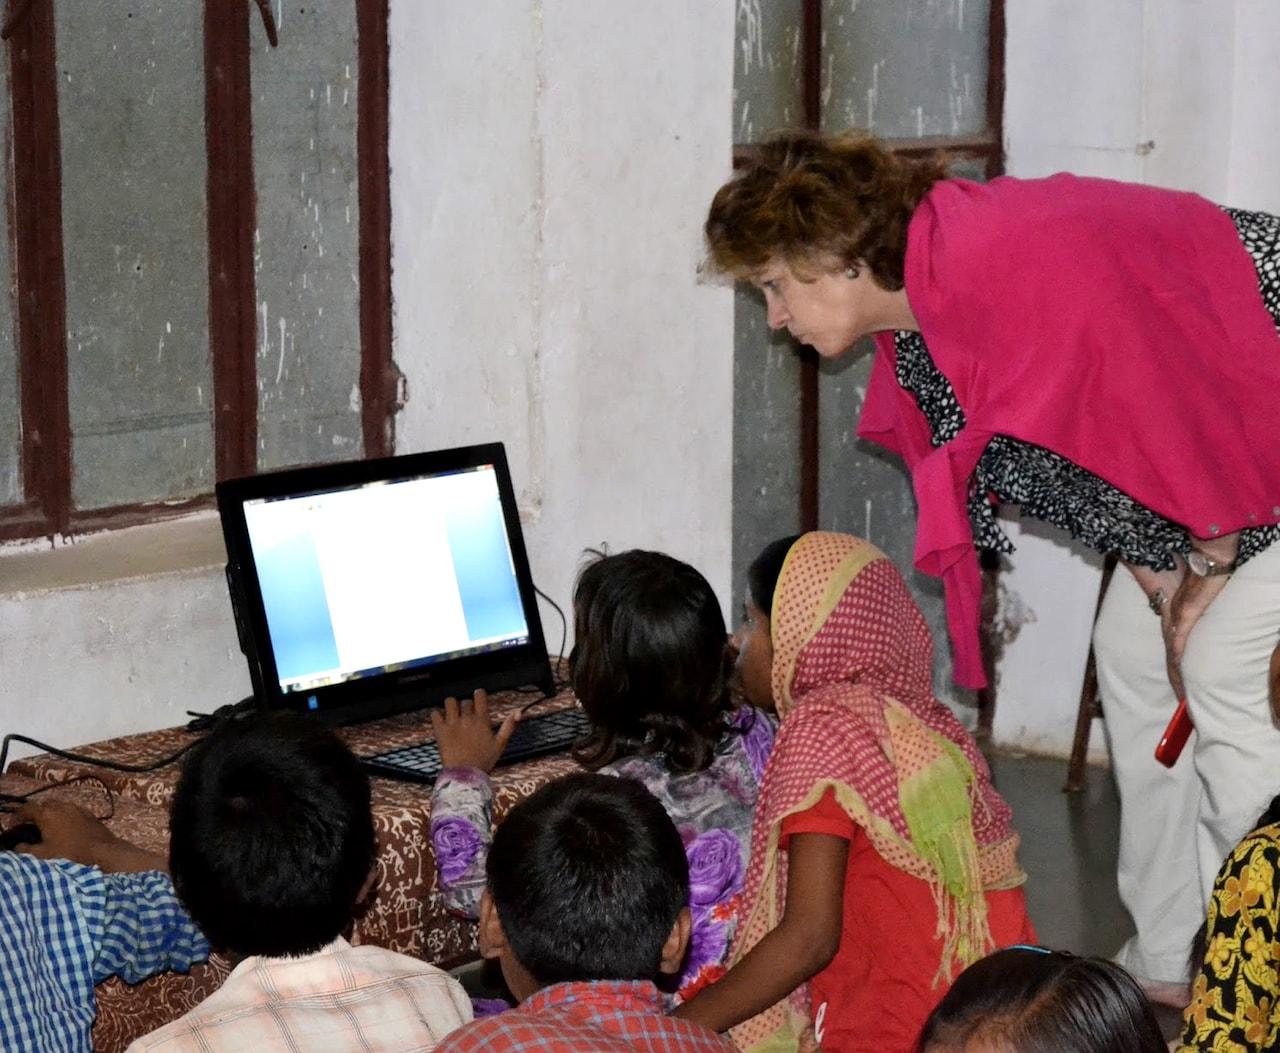 El poder de las mujeres para cambiar el mundo: un mensaje de nuestro CEO Kathy Brown en el Día Internacional de la Mujer Thumbnail